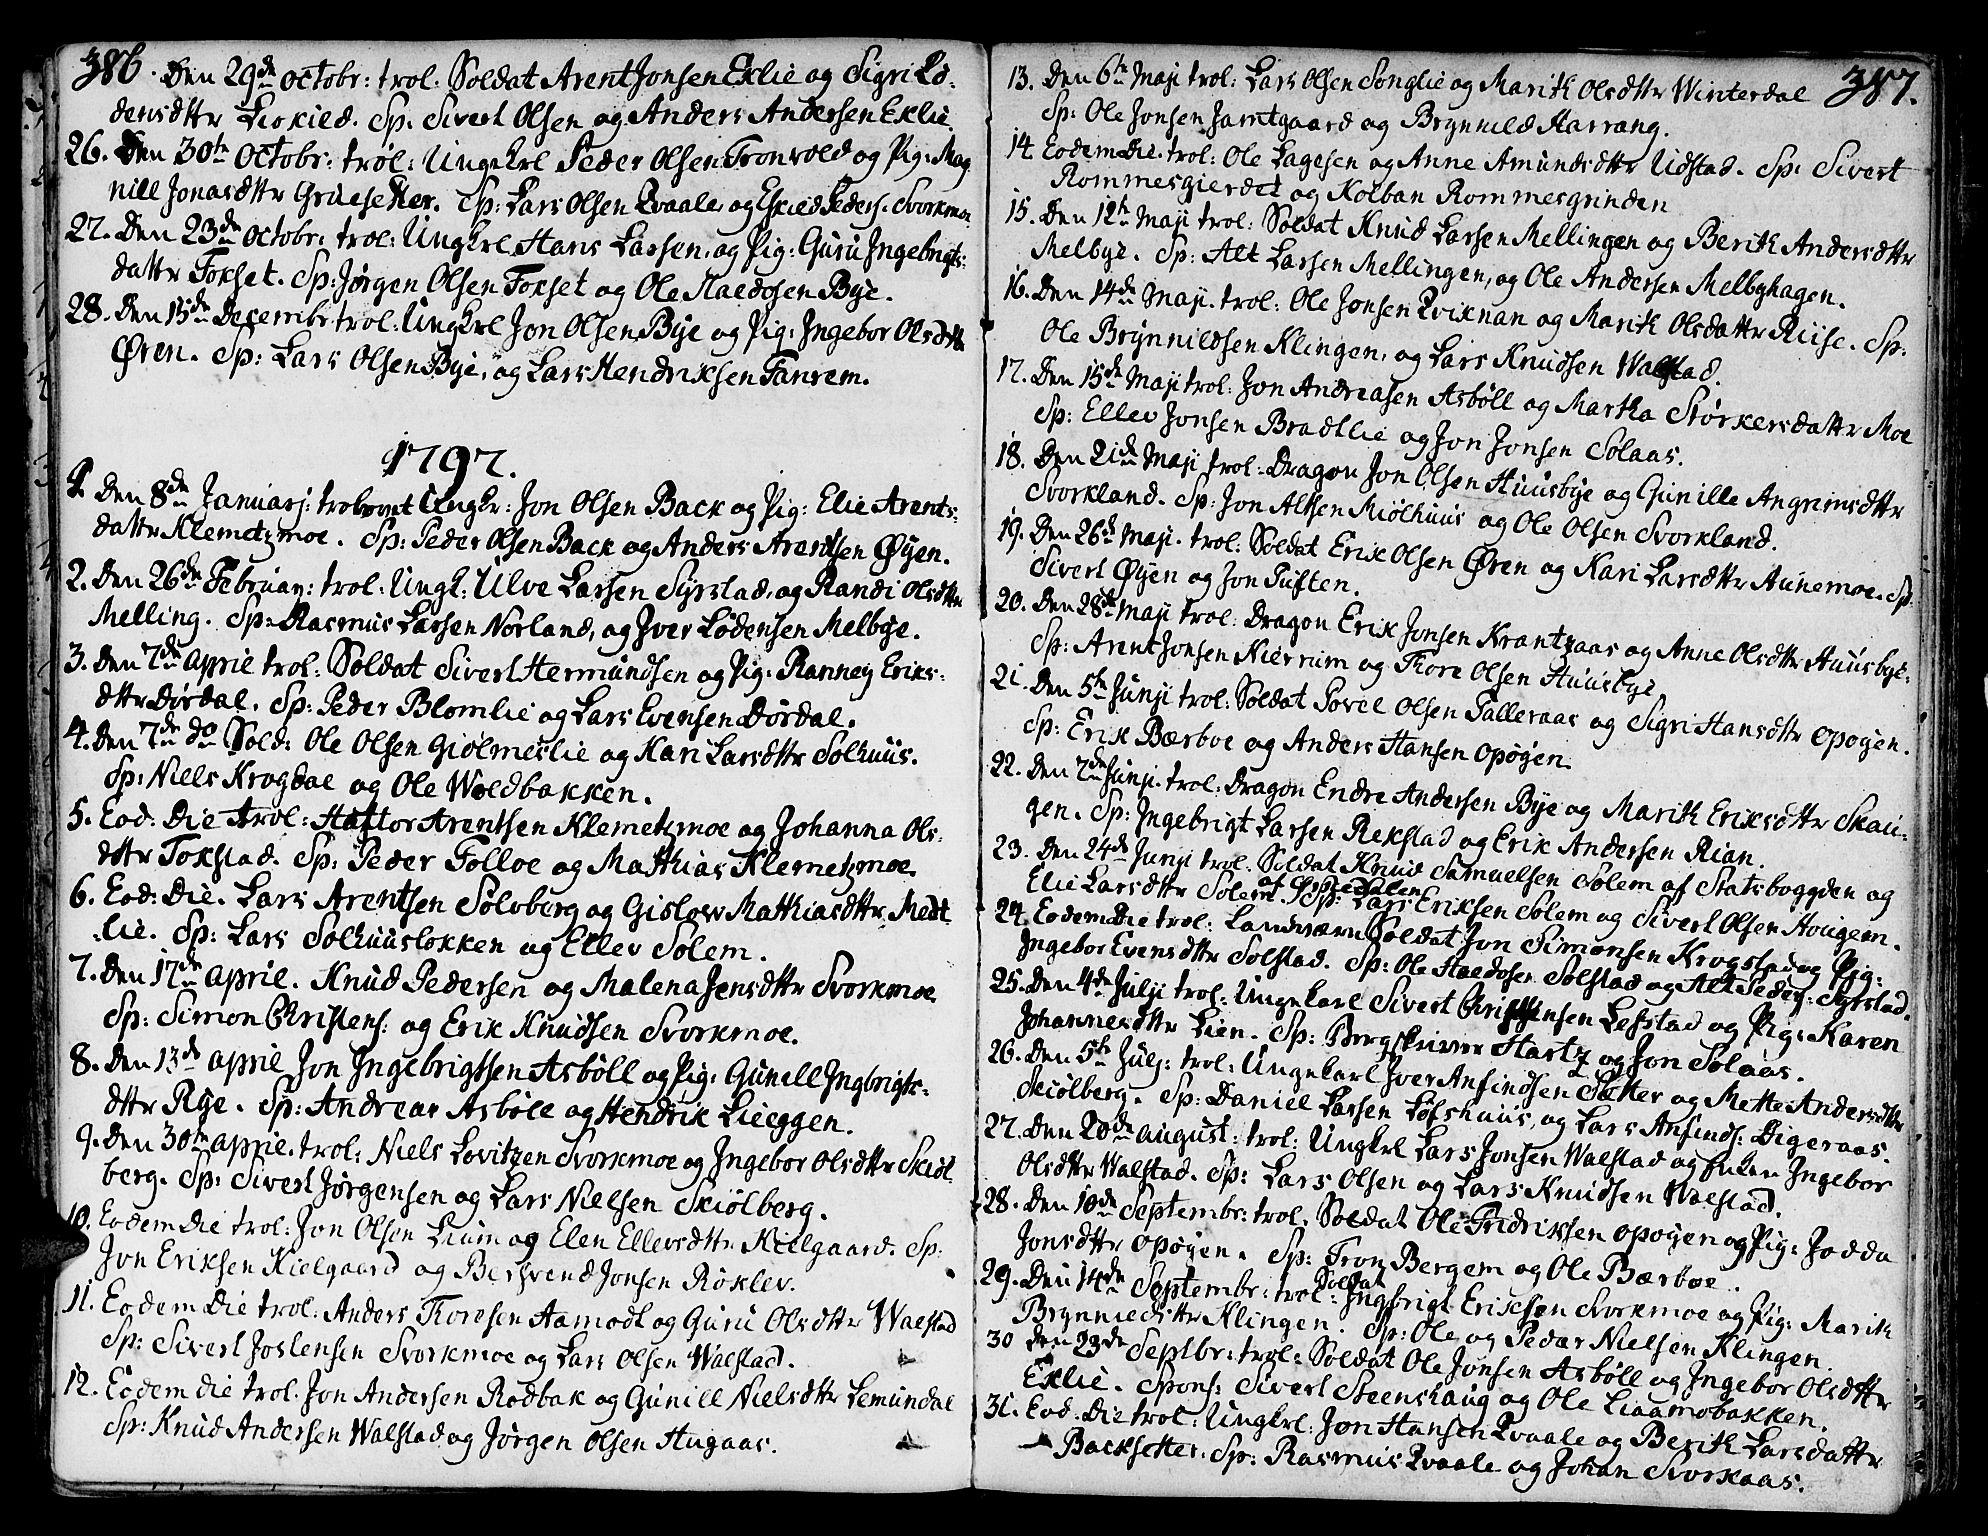 SAT, Ministerialprotokoller, klokkerbøker og fødselsregistre - Sør-Trøndelag, 668/L0802: Ministerialbok nr. 668A02, 1776-1799, s. 386-387